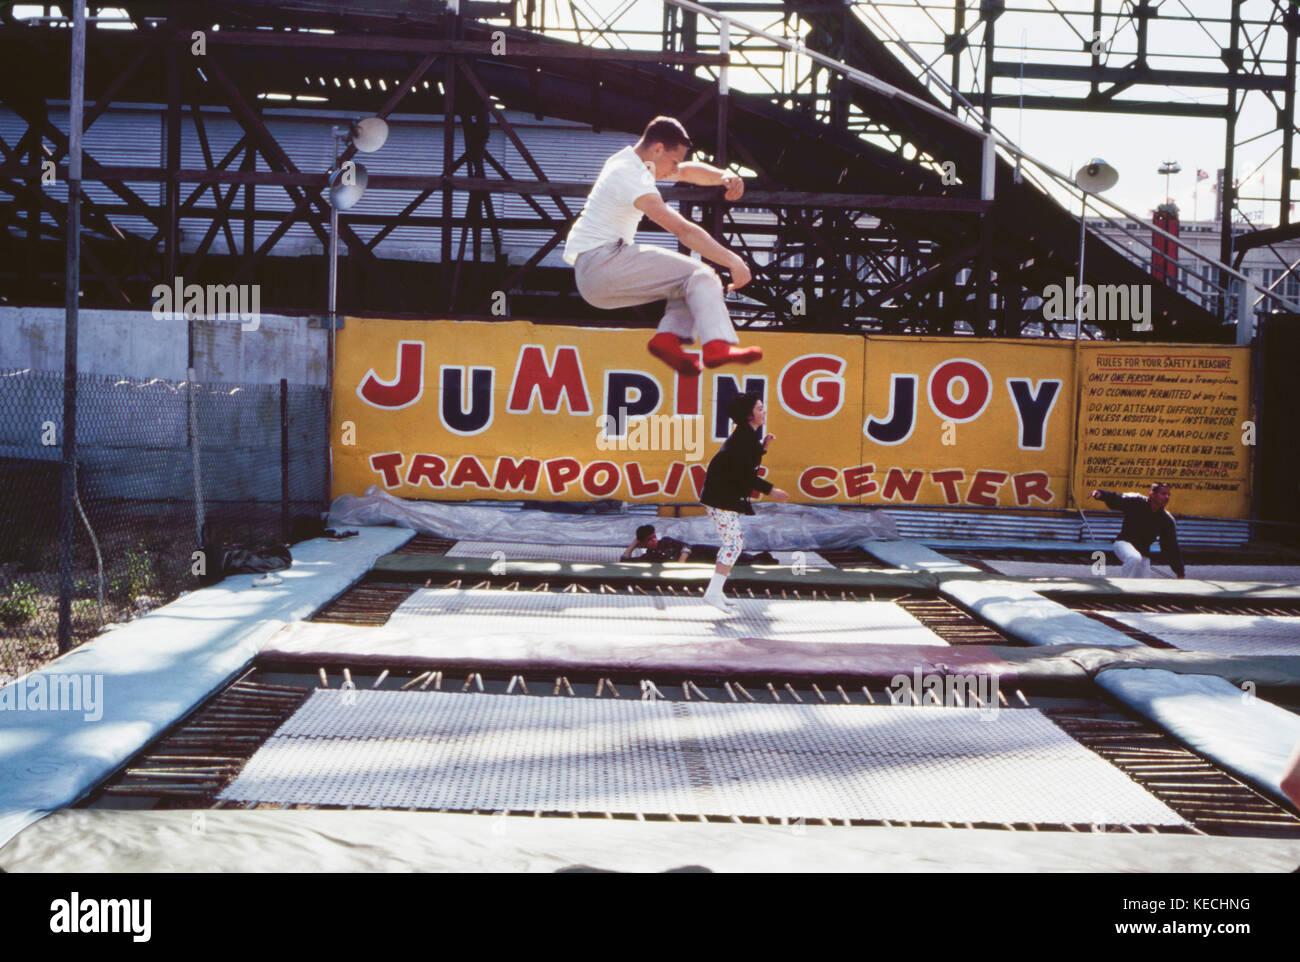 Cuatro personas en trampolines, el parque de diversiones de Coney Island, Nueva York, Estados Unidos, agosto de Foto de stock